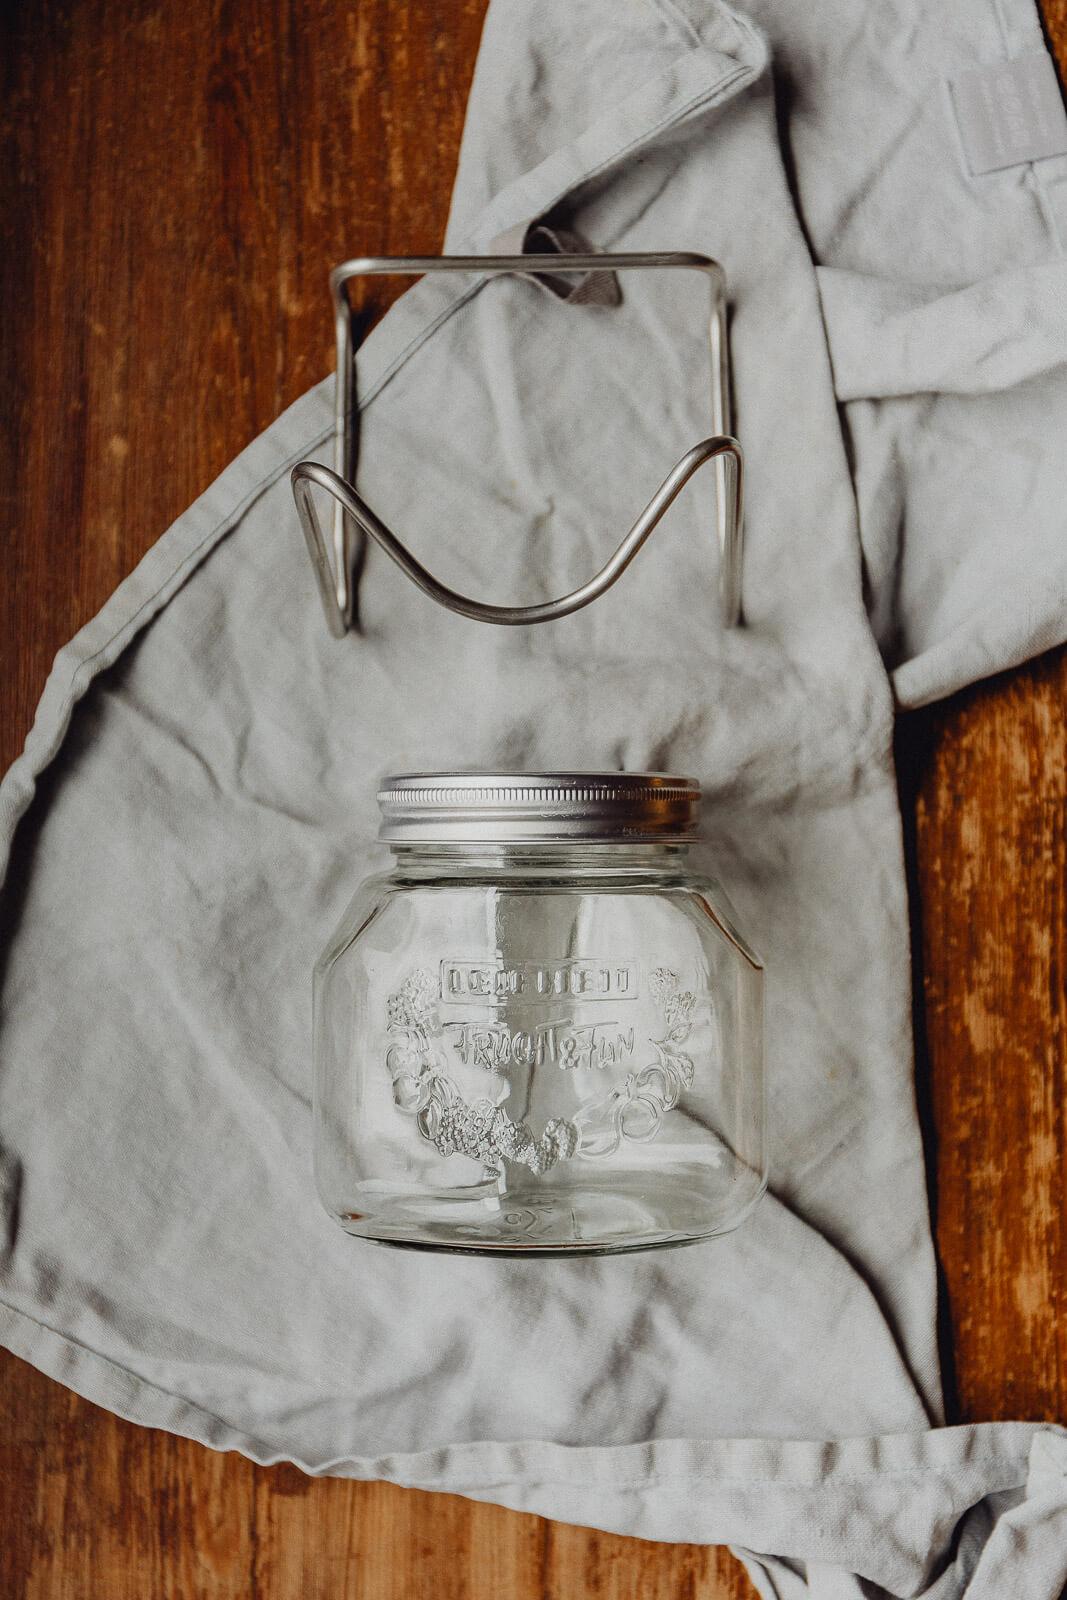 Sprossen ziehen, Keimglas, Sprossen ziehen DIY, DIY Sprossen, Keimlinge ziehen Sprossen, Sprossen ziehen nachhaltig, Plastik vermeiden, Less Waste in der Küche, Zero Waste Küche, Sprossen ziehen Anleitung